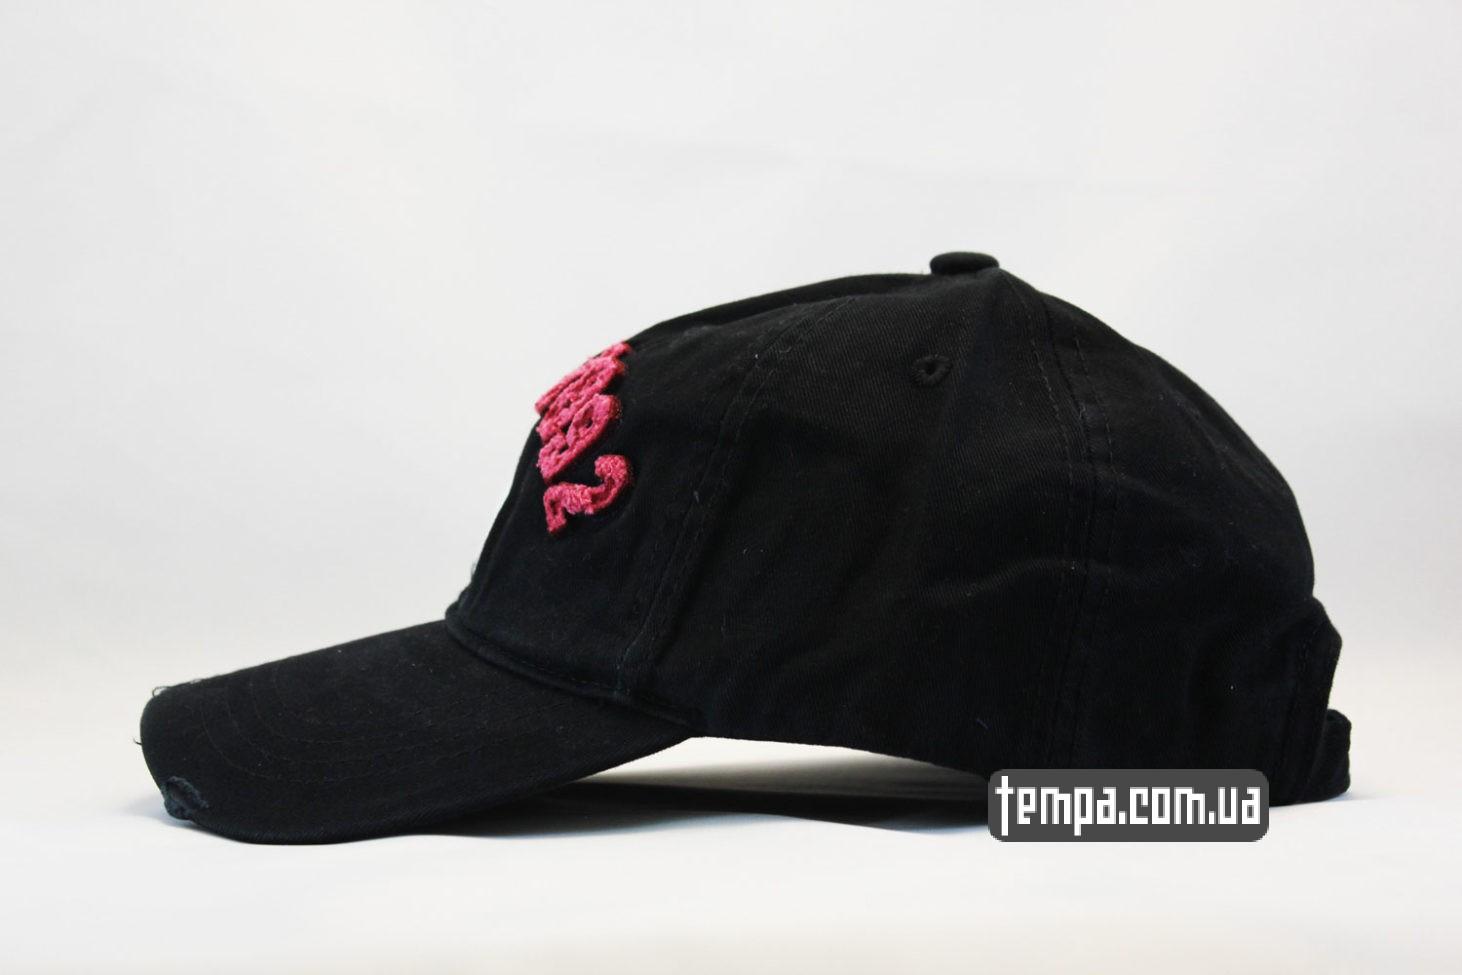 оригинал купить украина кепка бейсболка Abercrombie Fitch 1892 Holister черная